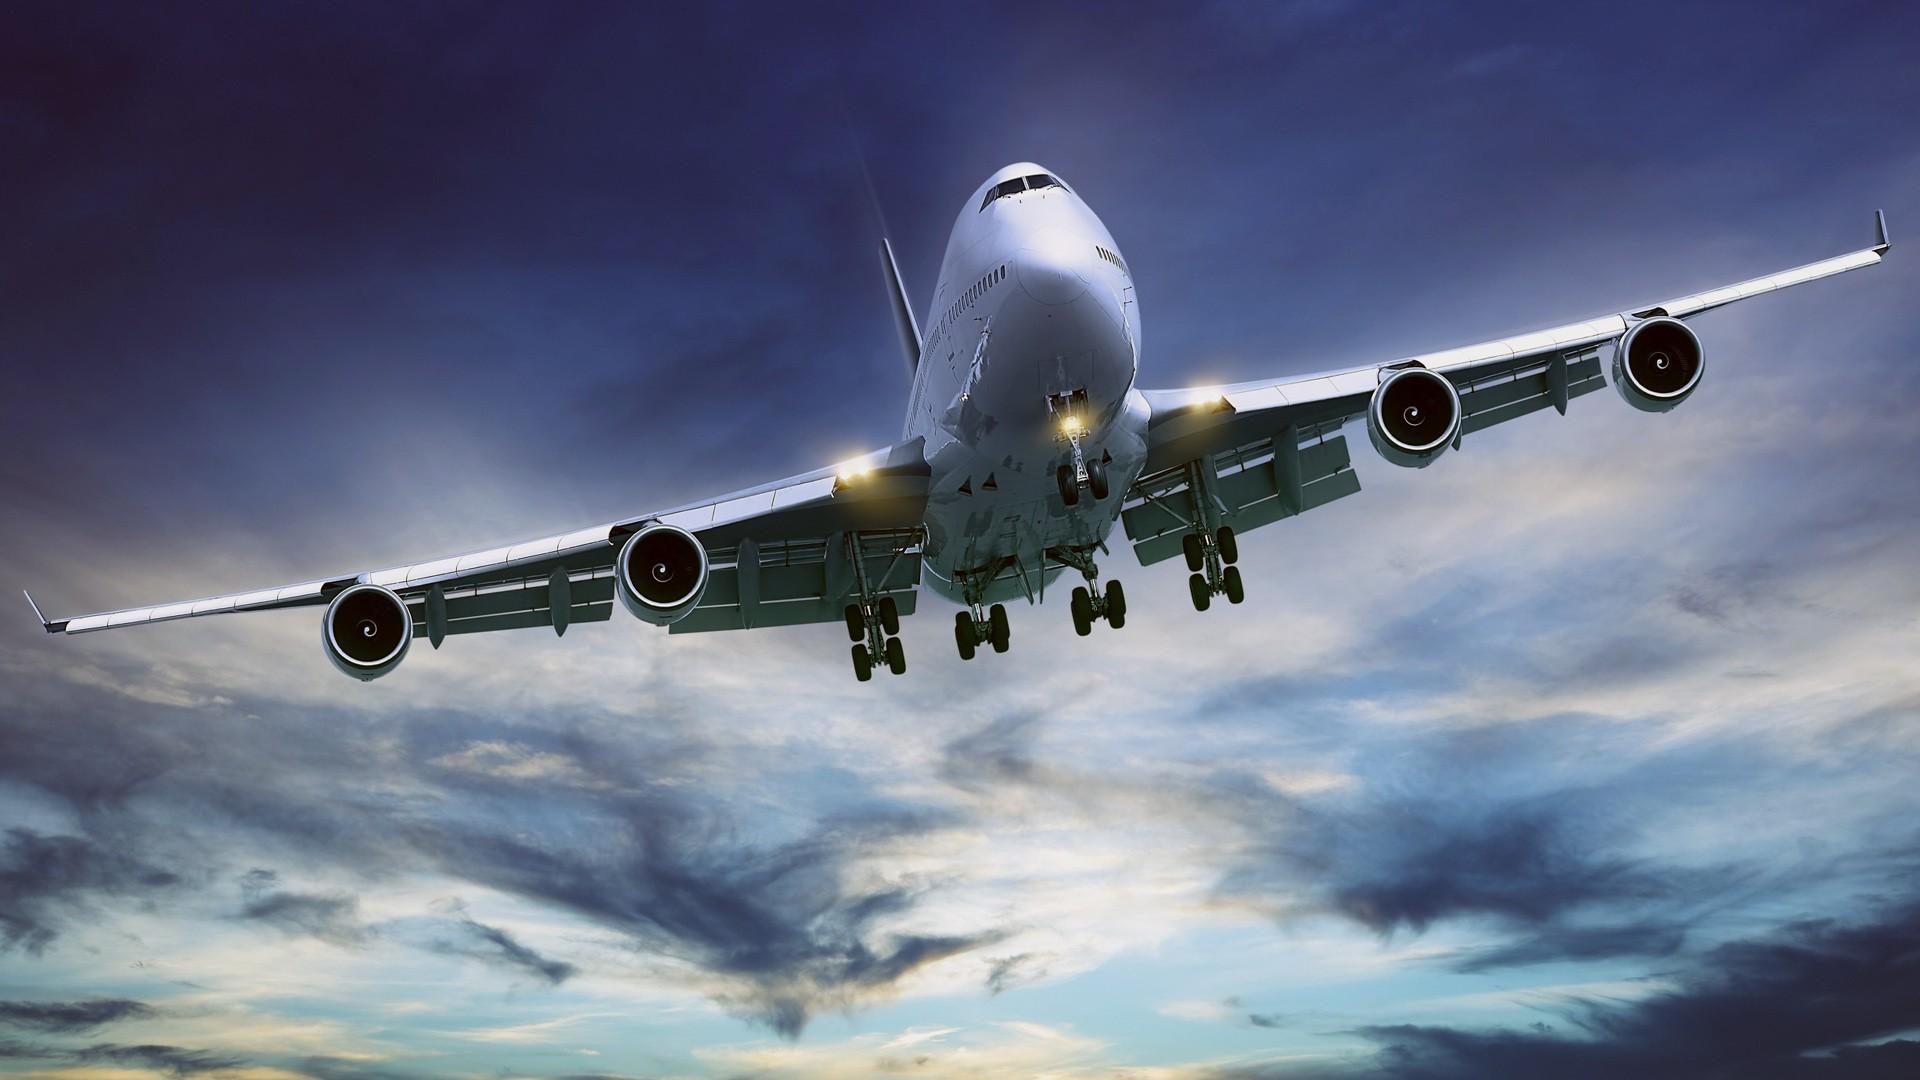 Aircraft HD